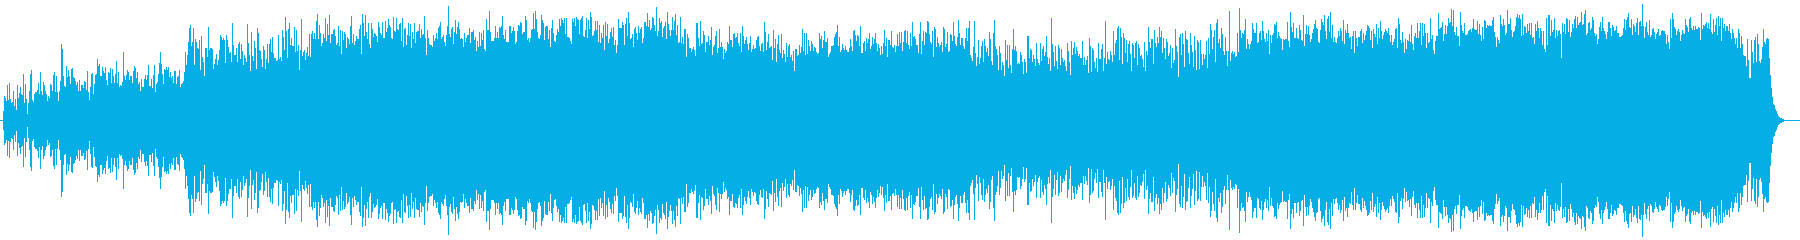 壮大で爽やかなシンセサイザーサウンドの再生済みの波形